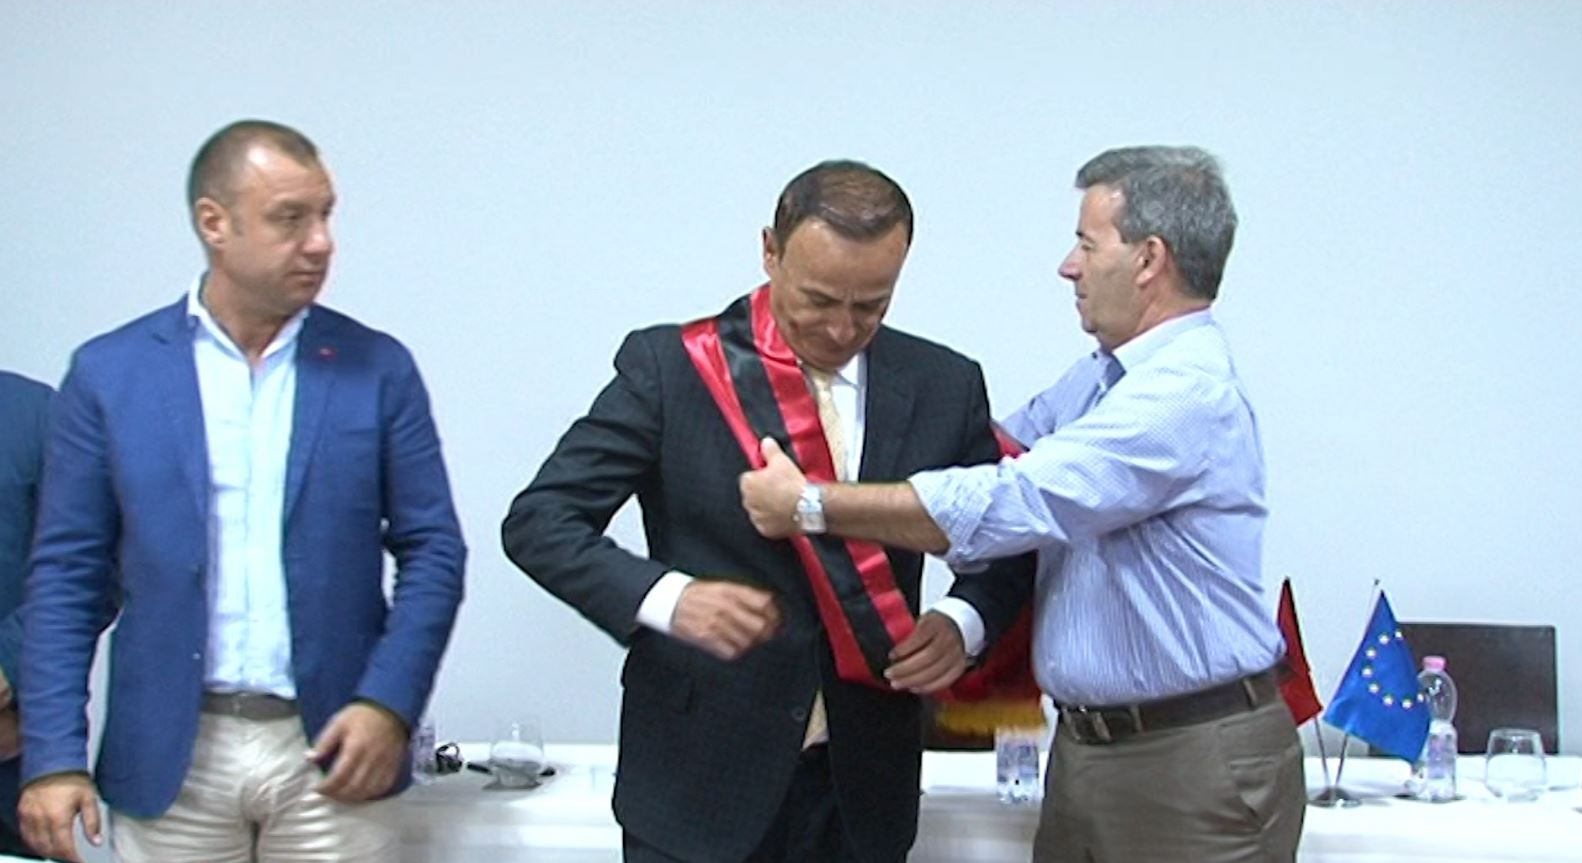 Betohet kryetari i ri i bashkisë së Pogradecit